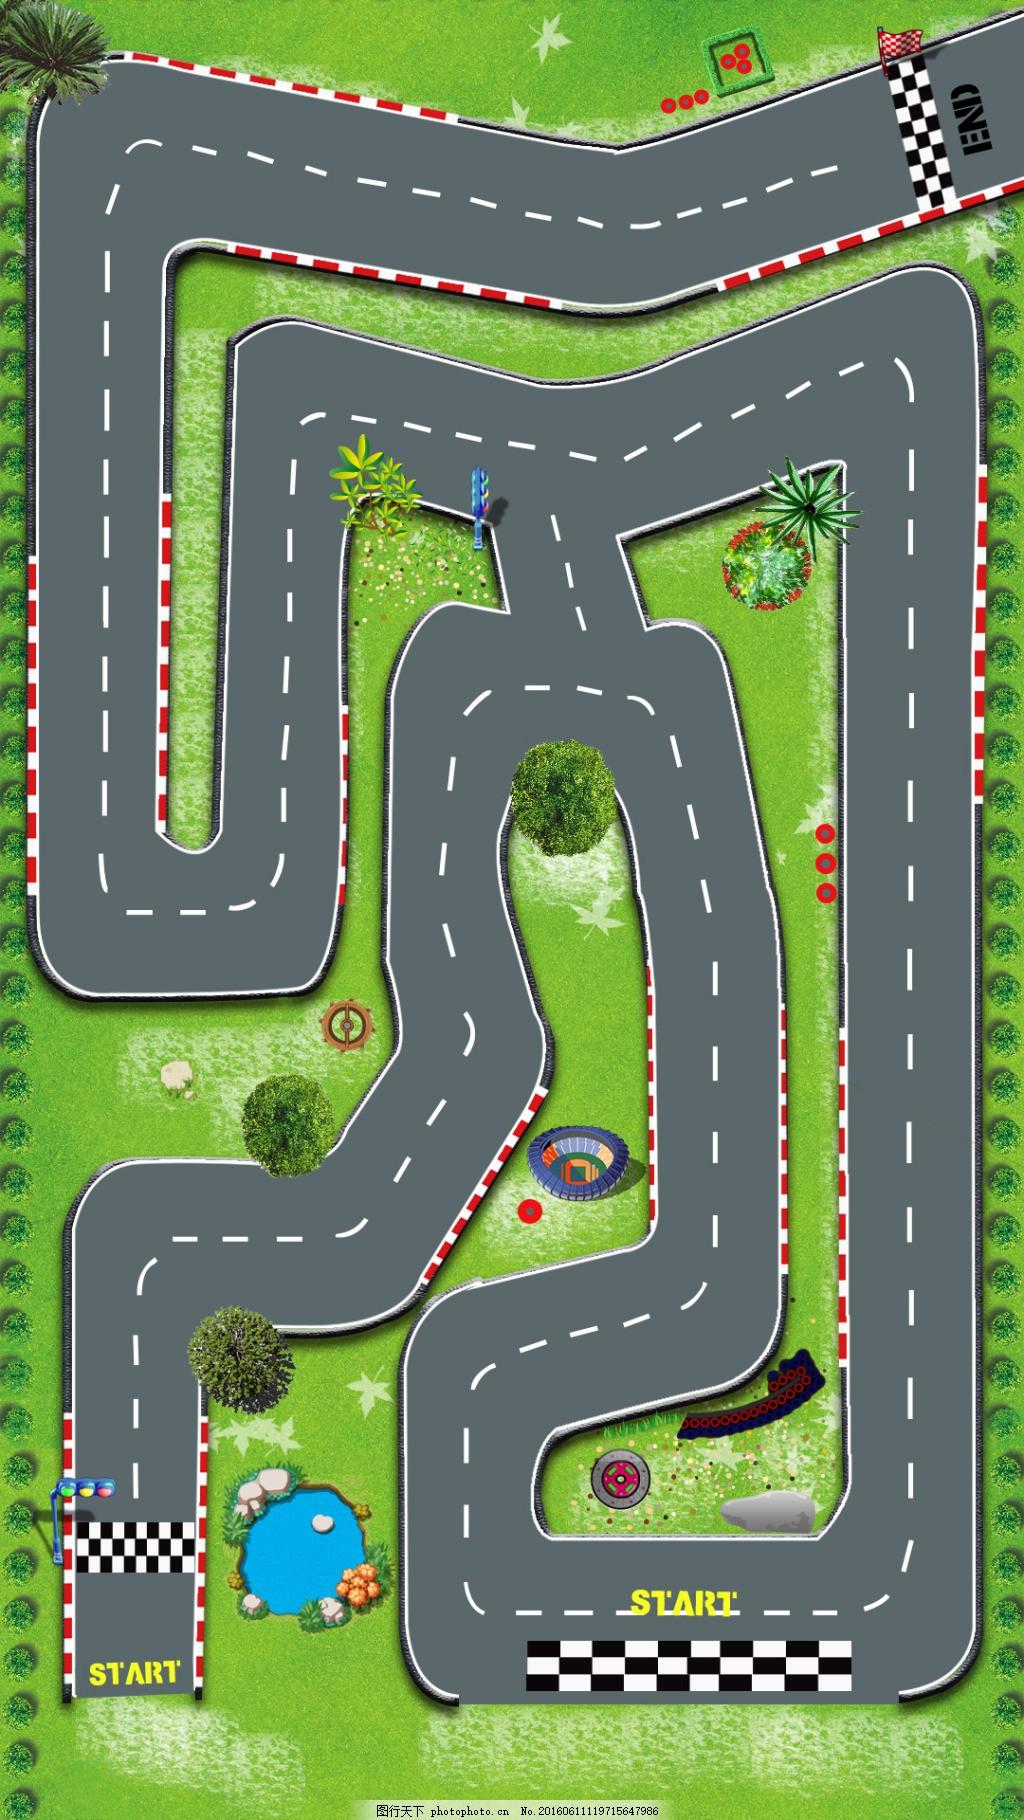 赛车游戏的跑道界面设计图 赛道 绿色 游戏 树 竞赛 psd